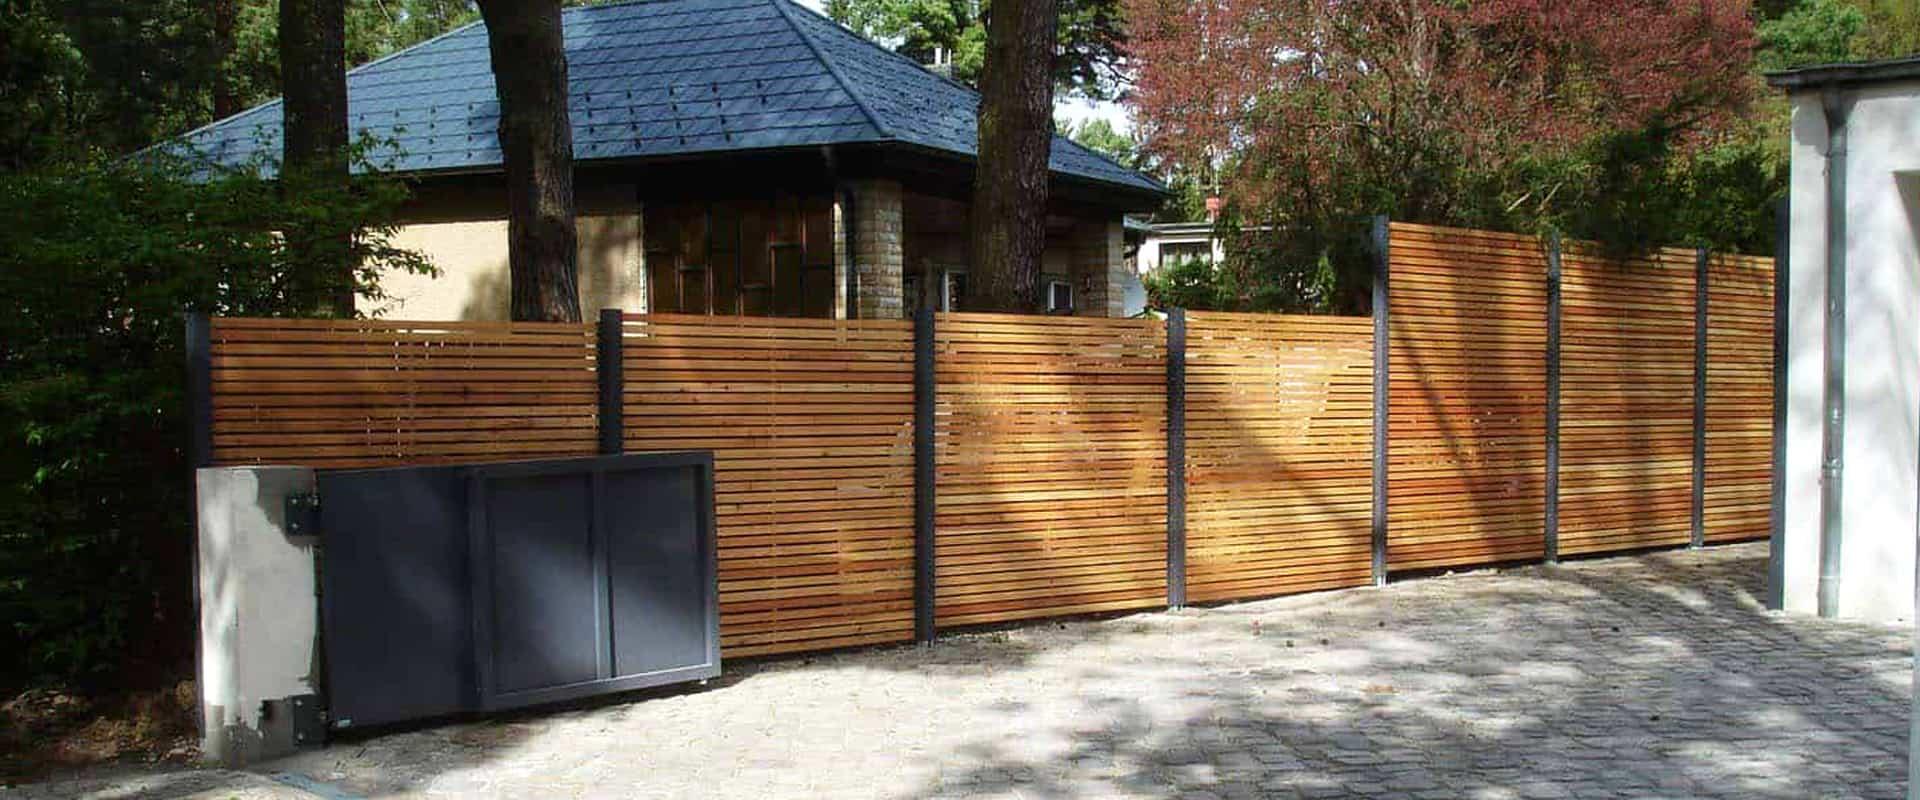 Sichtschutz Zaun Garten Terrasse Balkon Holz Metall Kaufen Stahlzart